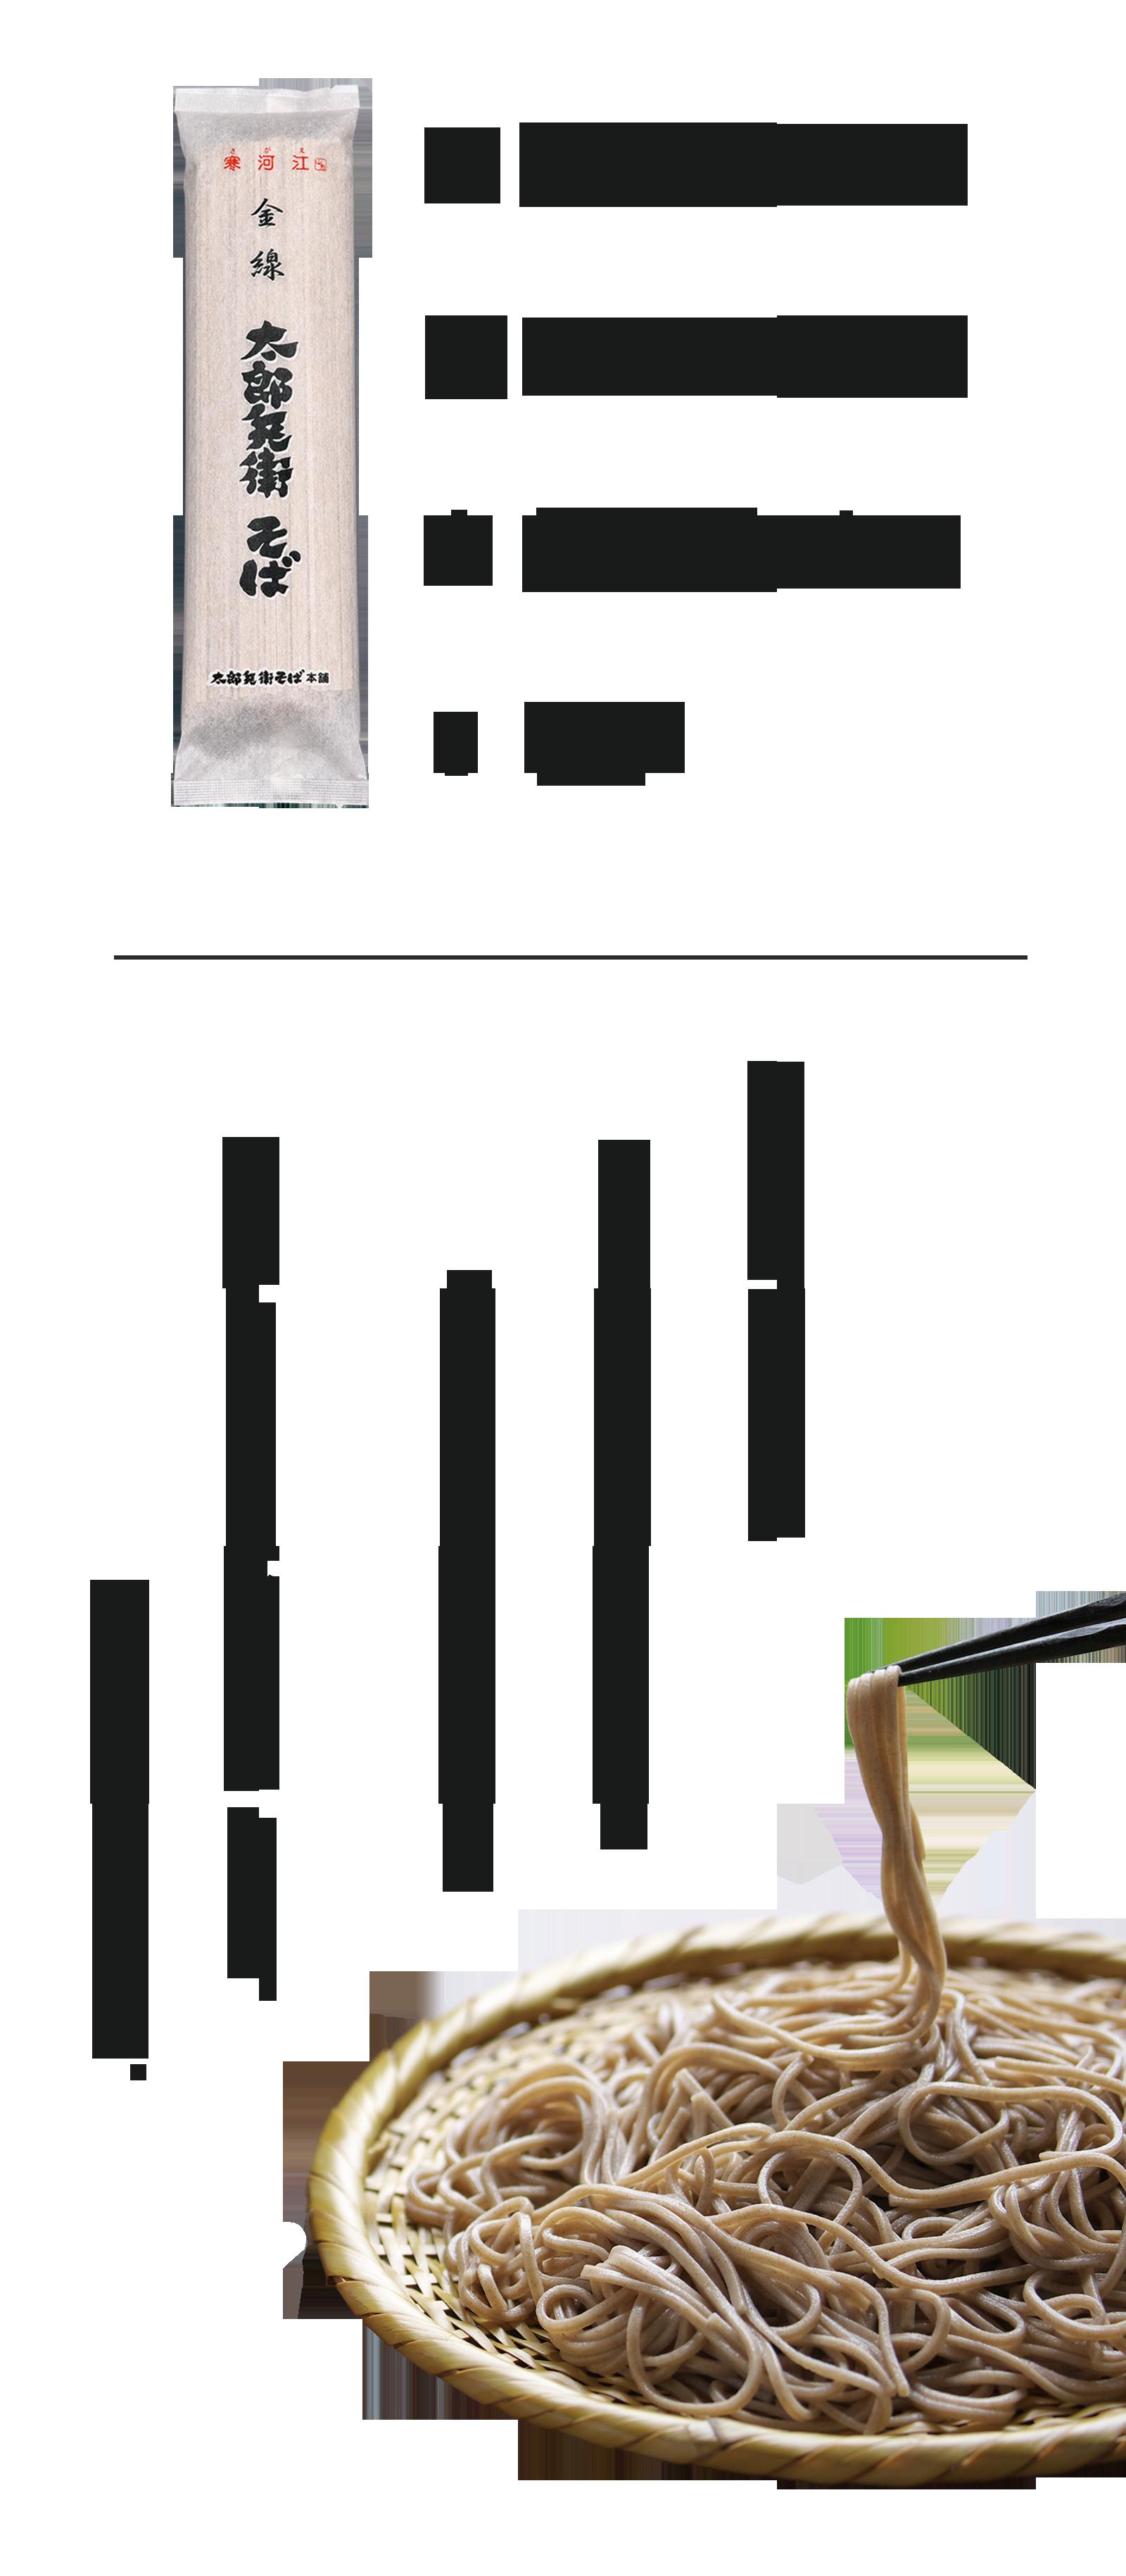 金線太郎兵衛そばイメージ